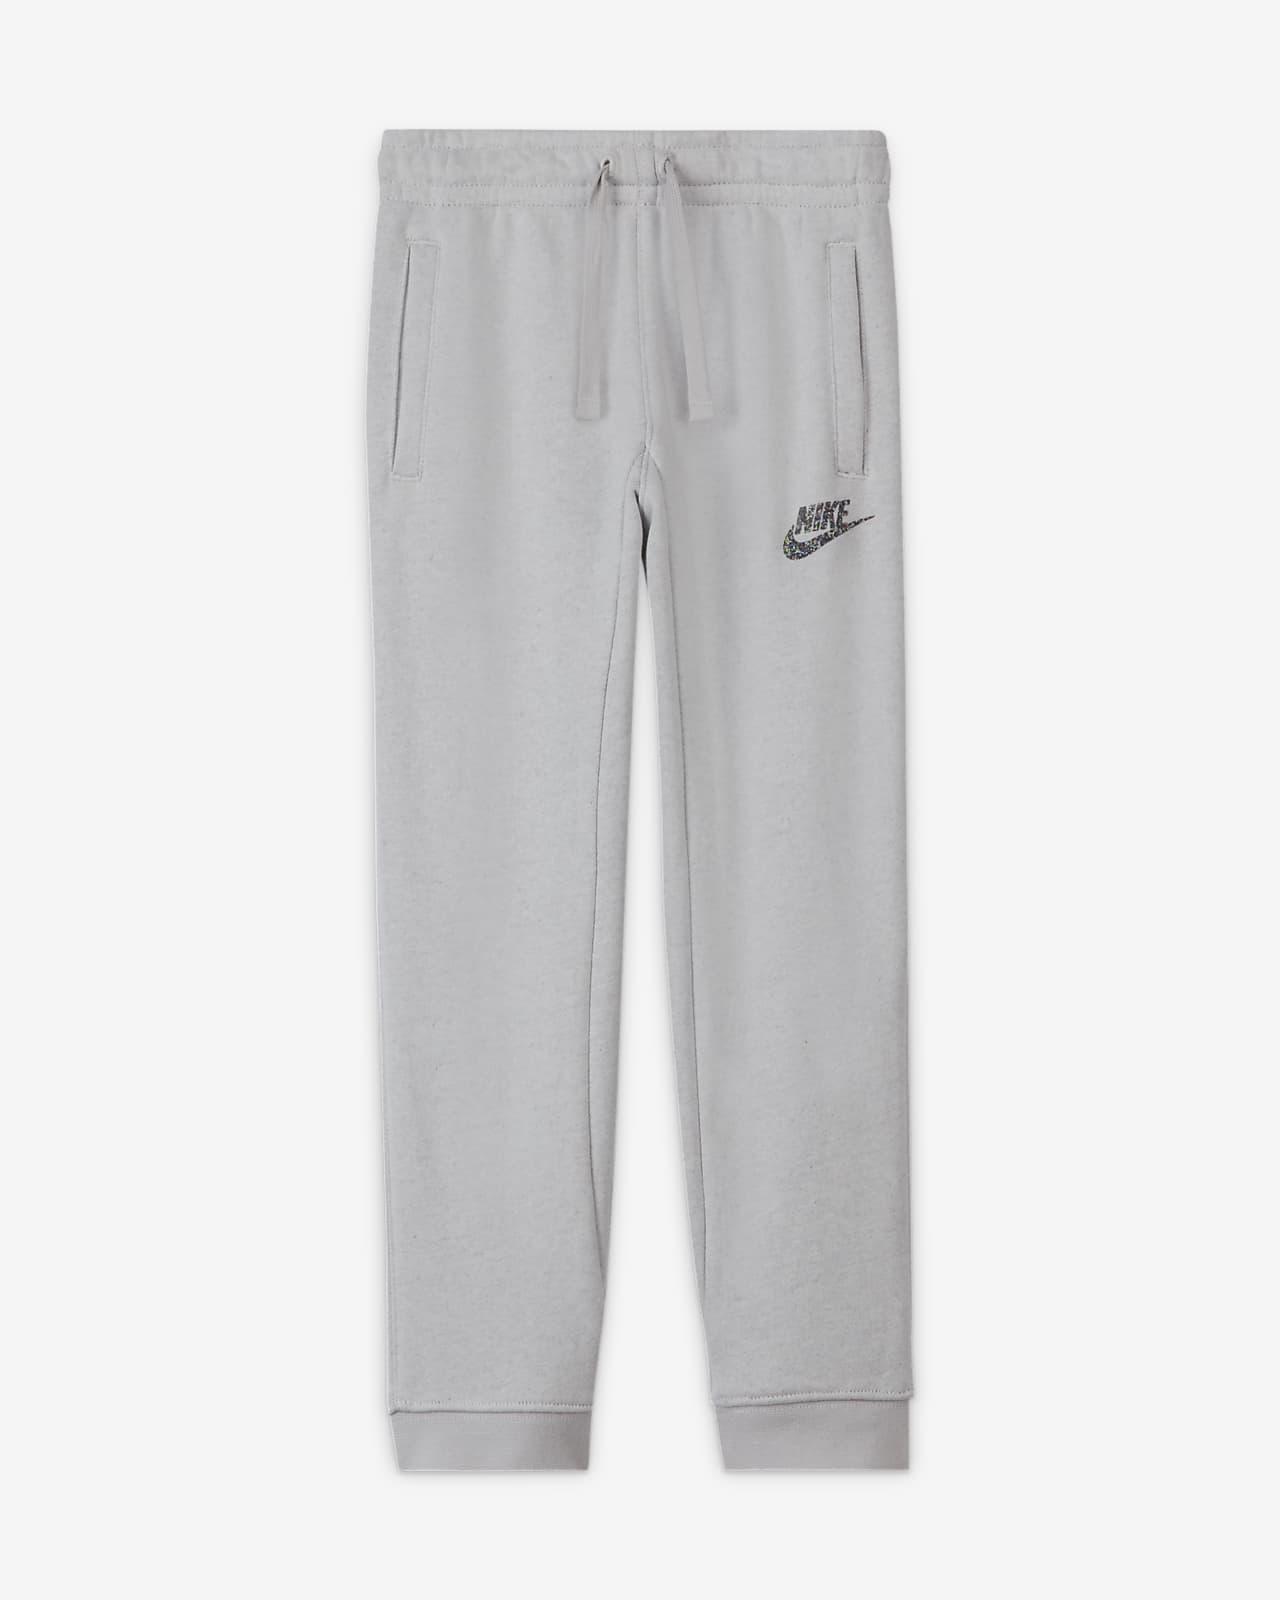 Calças Nike para criança